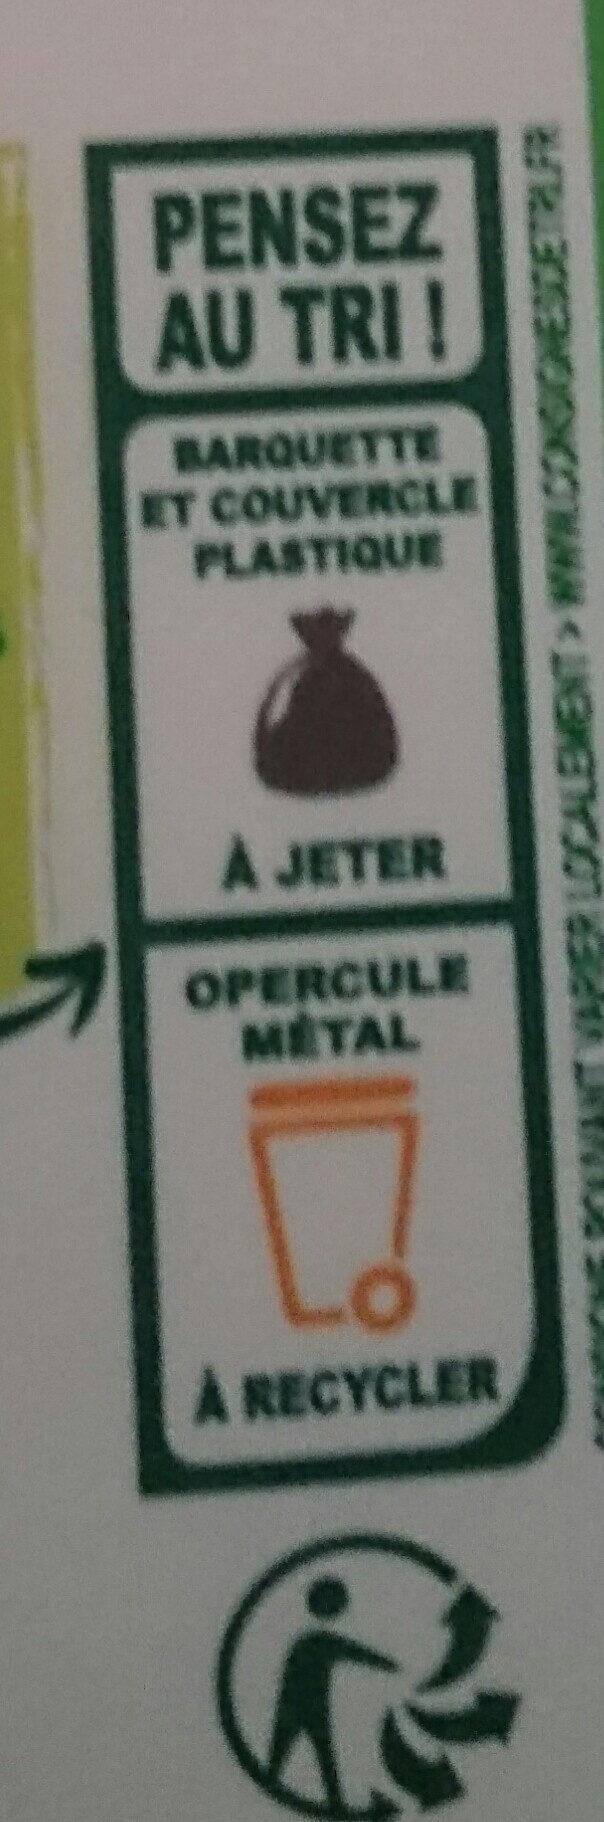 Primevère Bio Tartine & Cuisson - Instruction de recyclage et/ou information d'emballage - fr